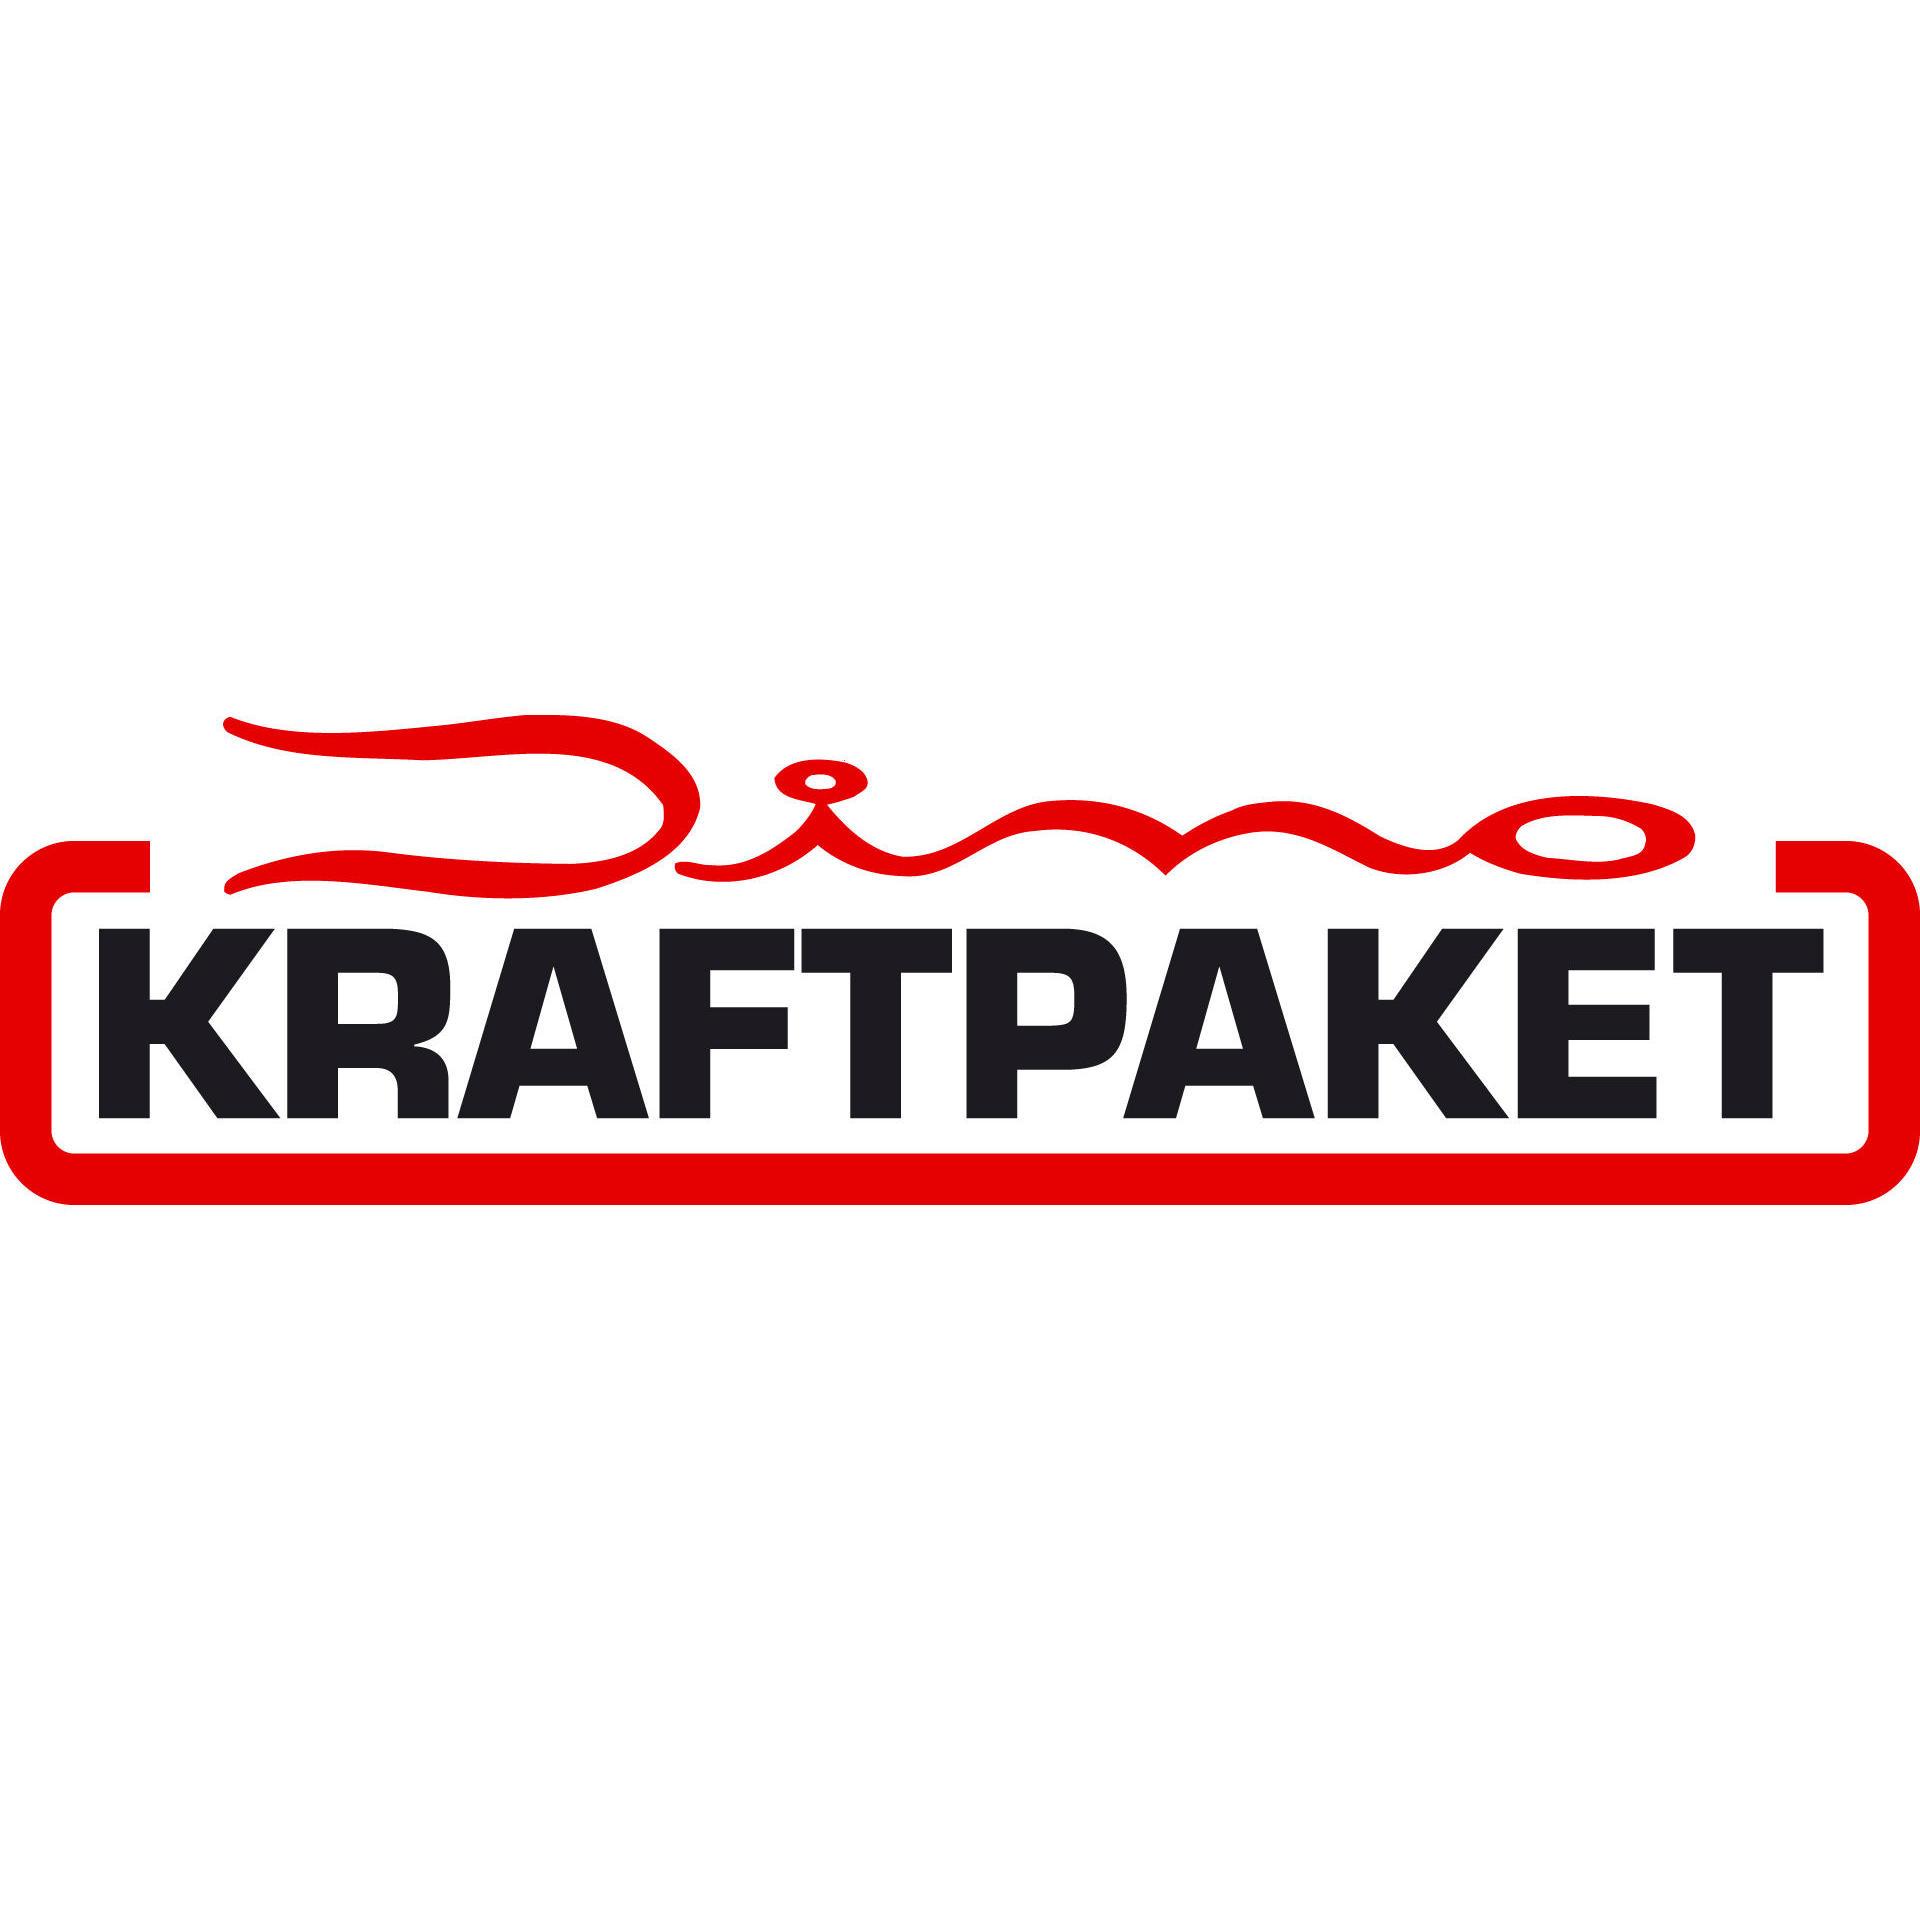 Dino KRAFTPAKET - r.d.i Deutschland Autoteile + Vertriebs GmbH